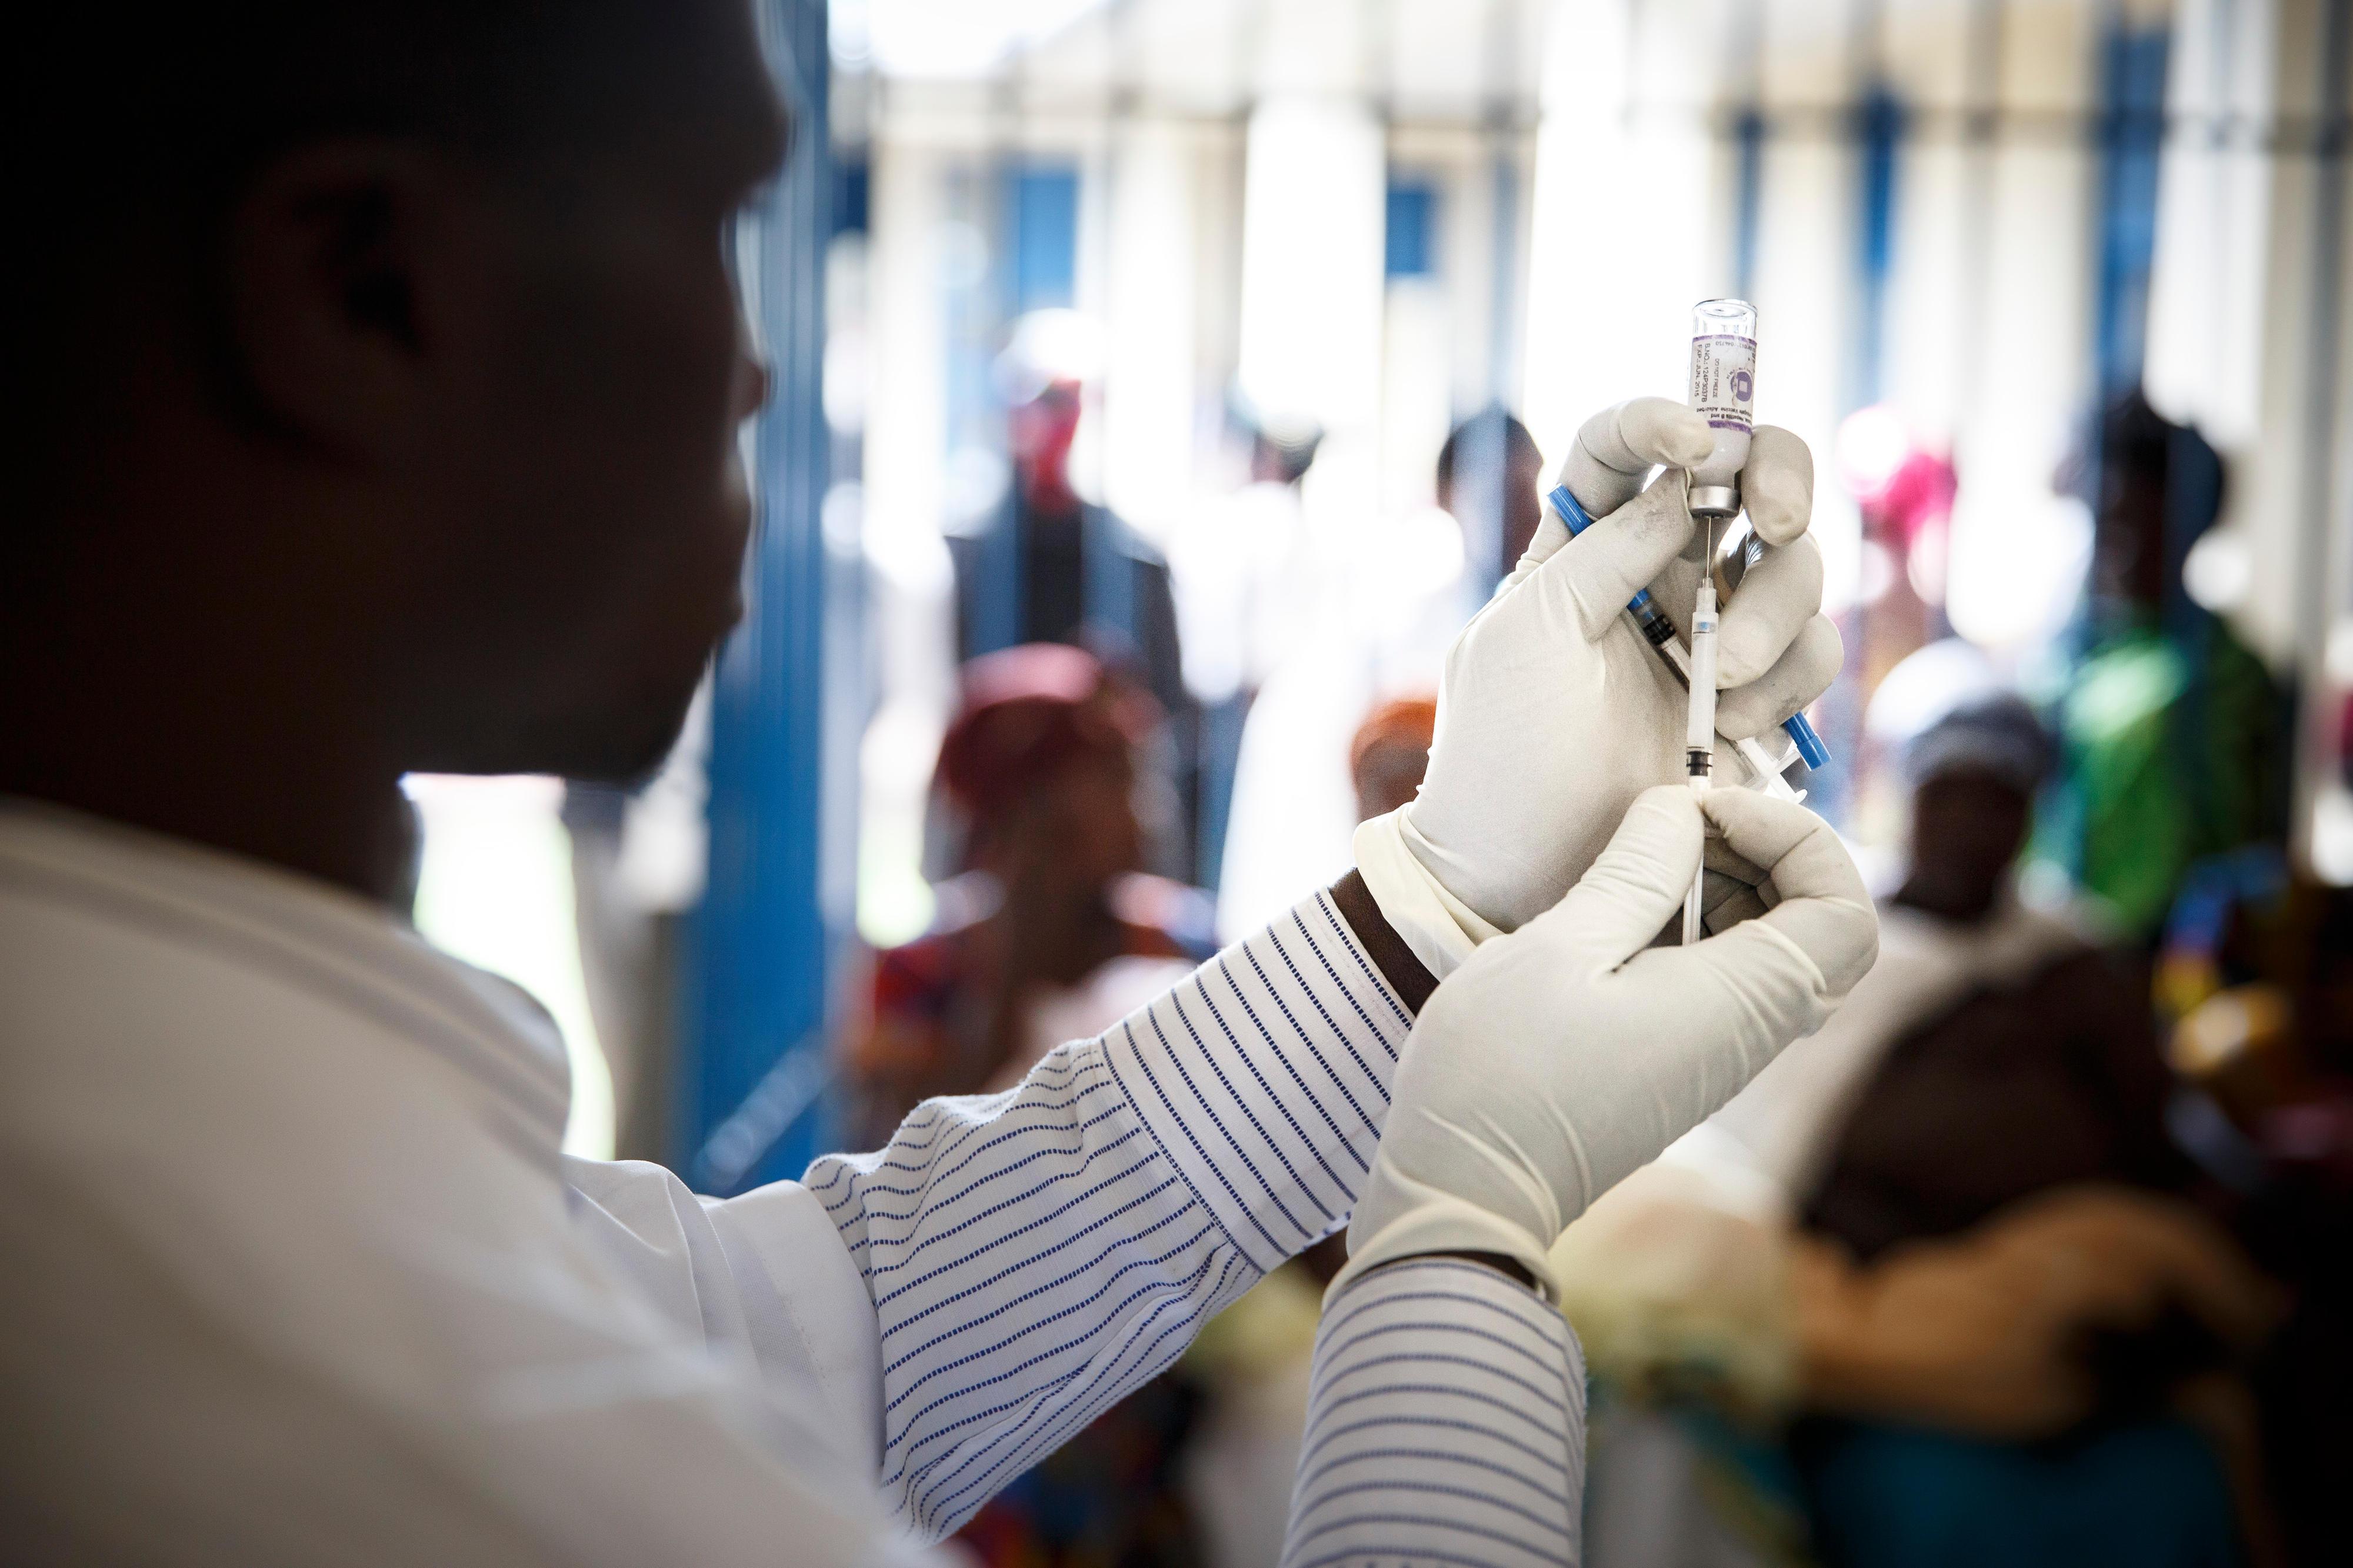 Impfung von Kleinkindern im Gesundheitszentrums Kibati Goma, in der Demokraktischen Republik Kongo (Foto aus dem Jahr 2018)